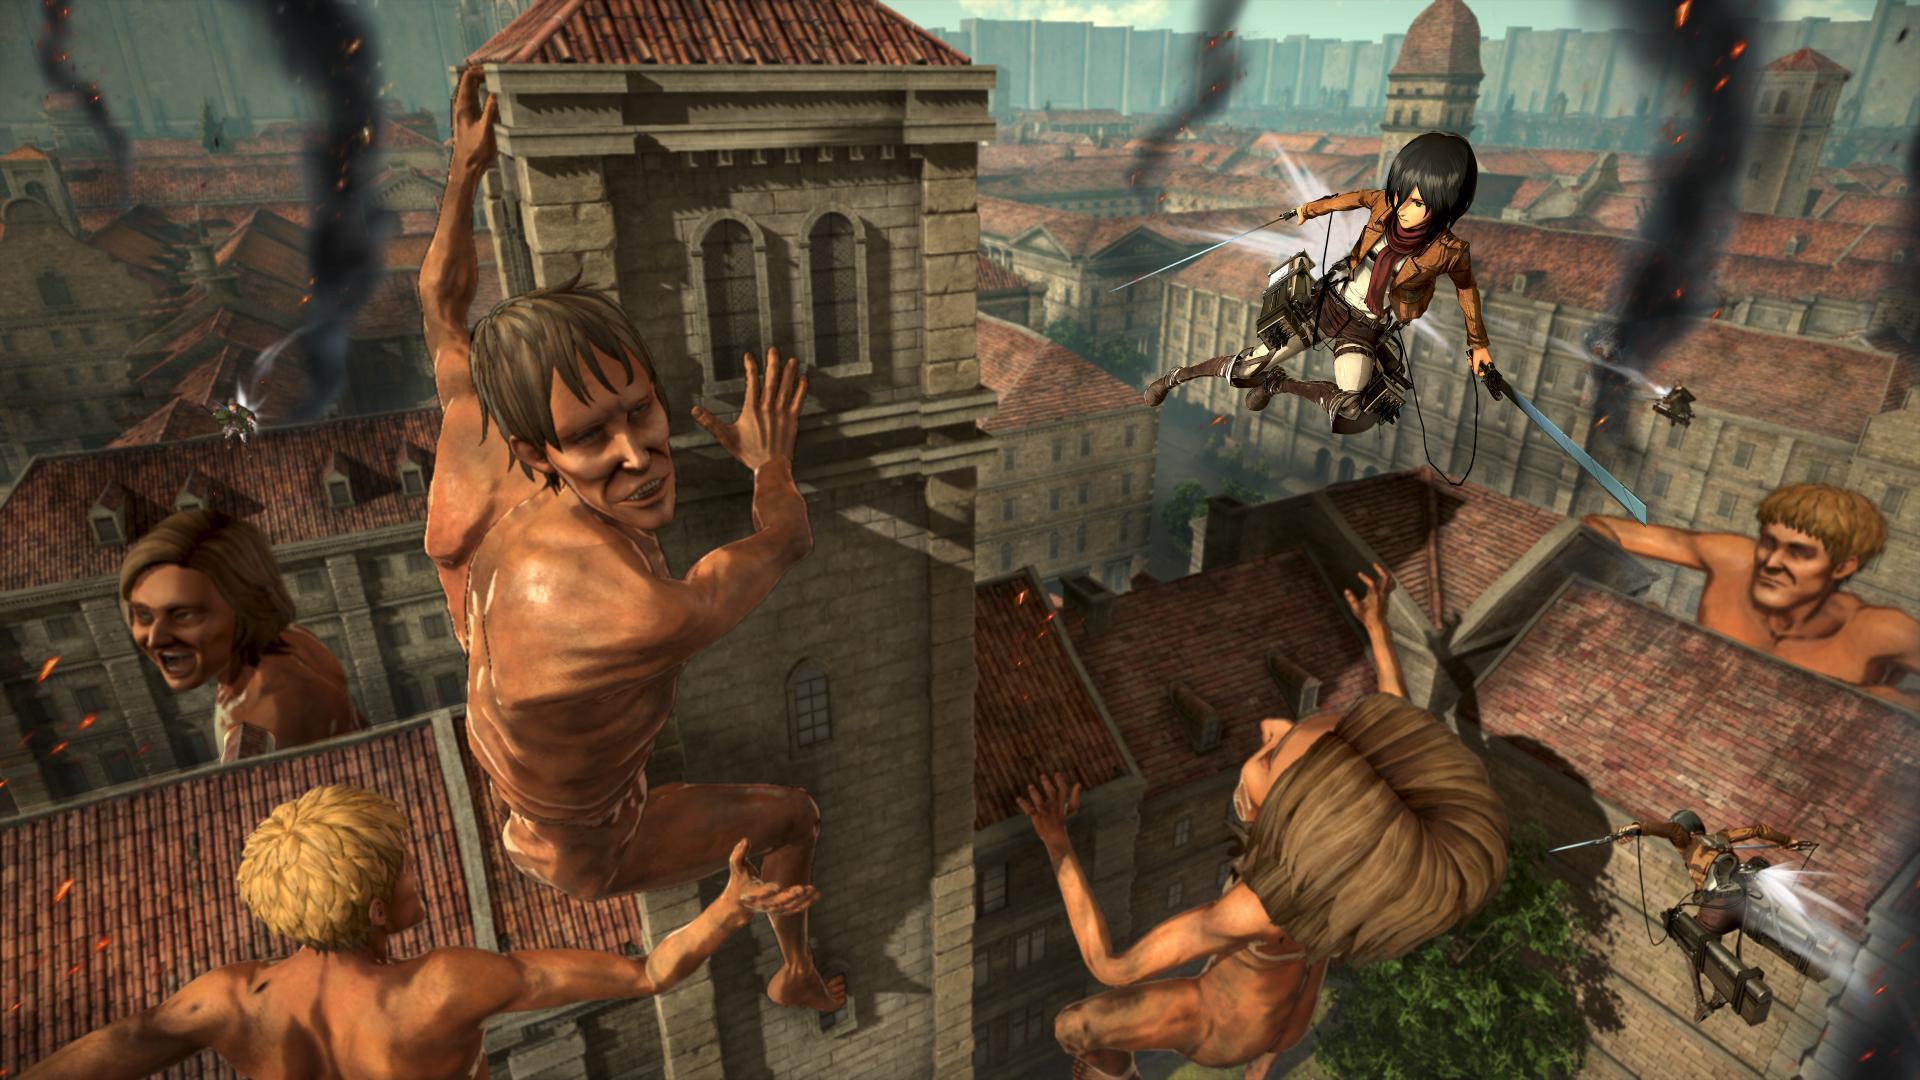 《進擊的巨人2:最終之戰》通過臺灣評級 將推出升級版   電玩01